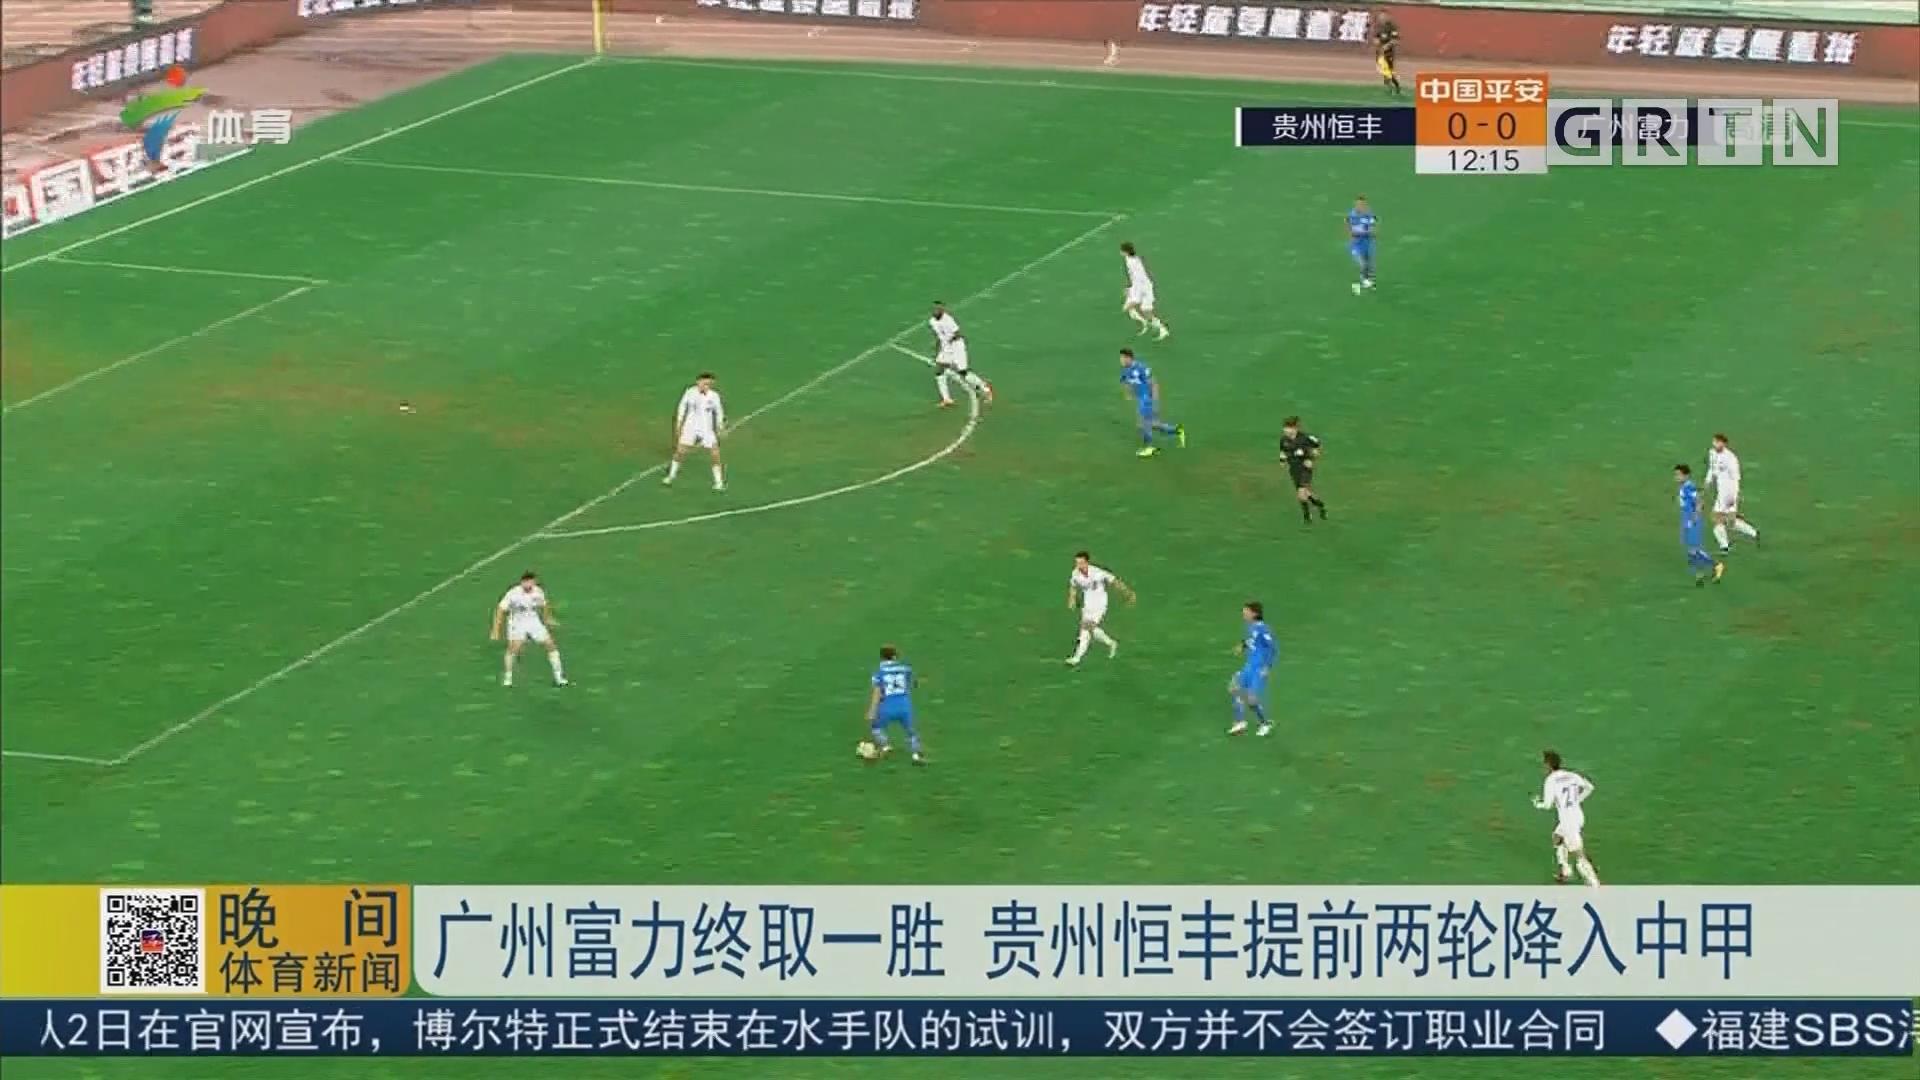 广州富力终取一胜 贵州恒丰提前两轮降入中甲